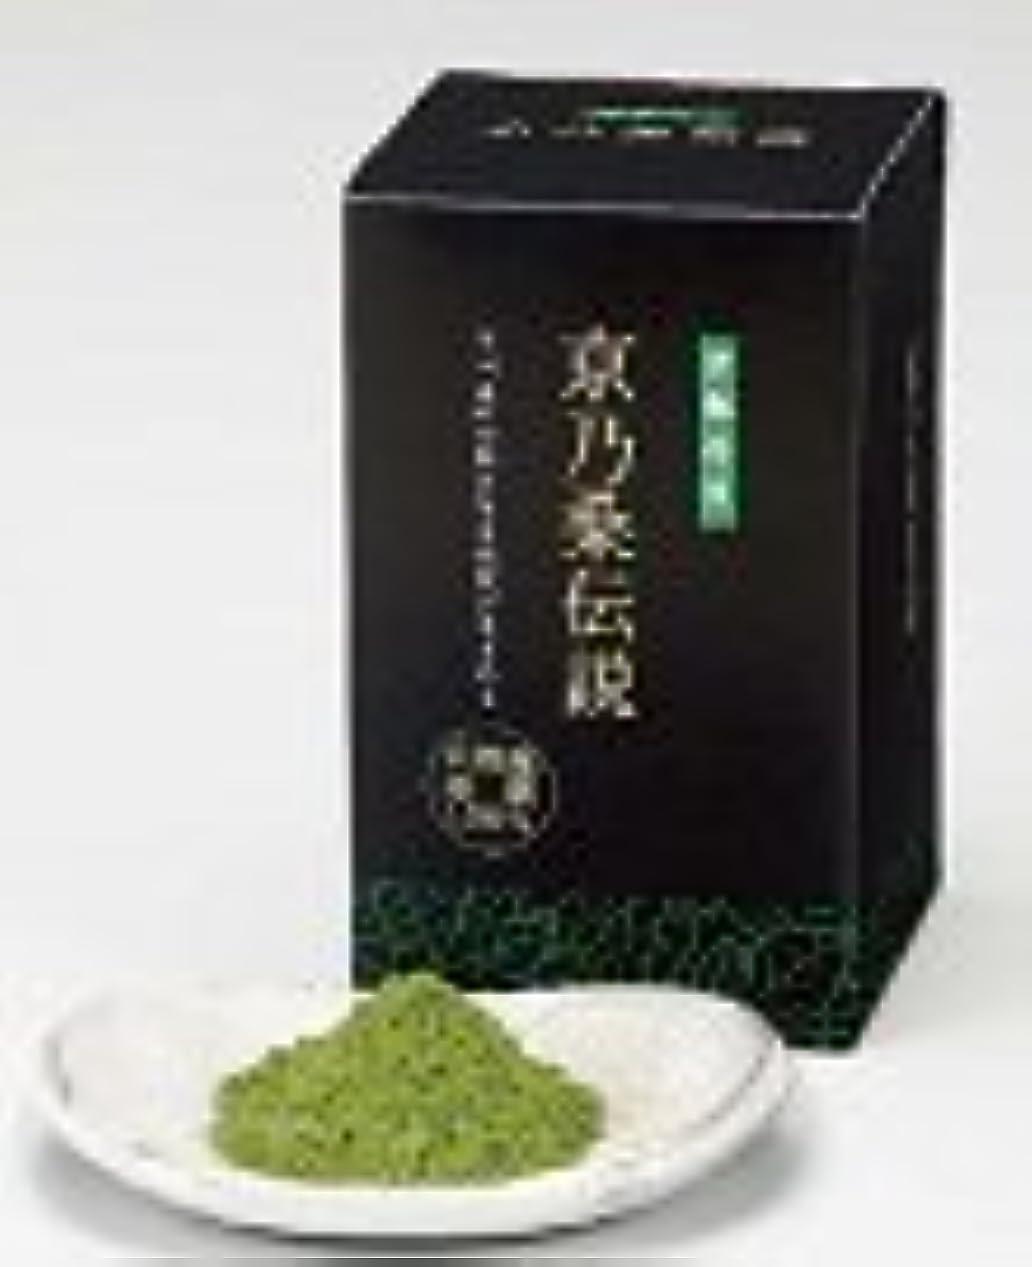 余暇ピストル永久に京乃桑伝説(桑の葉粉茶、青汁)30袋入り 3箱まとめ買い